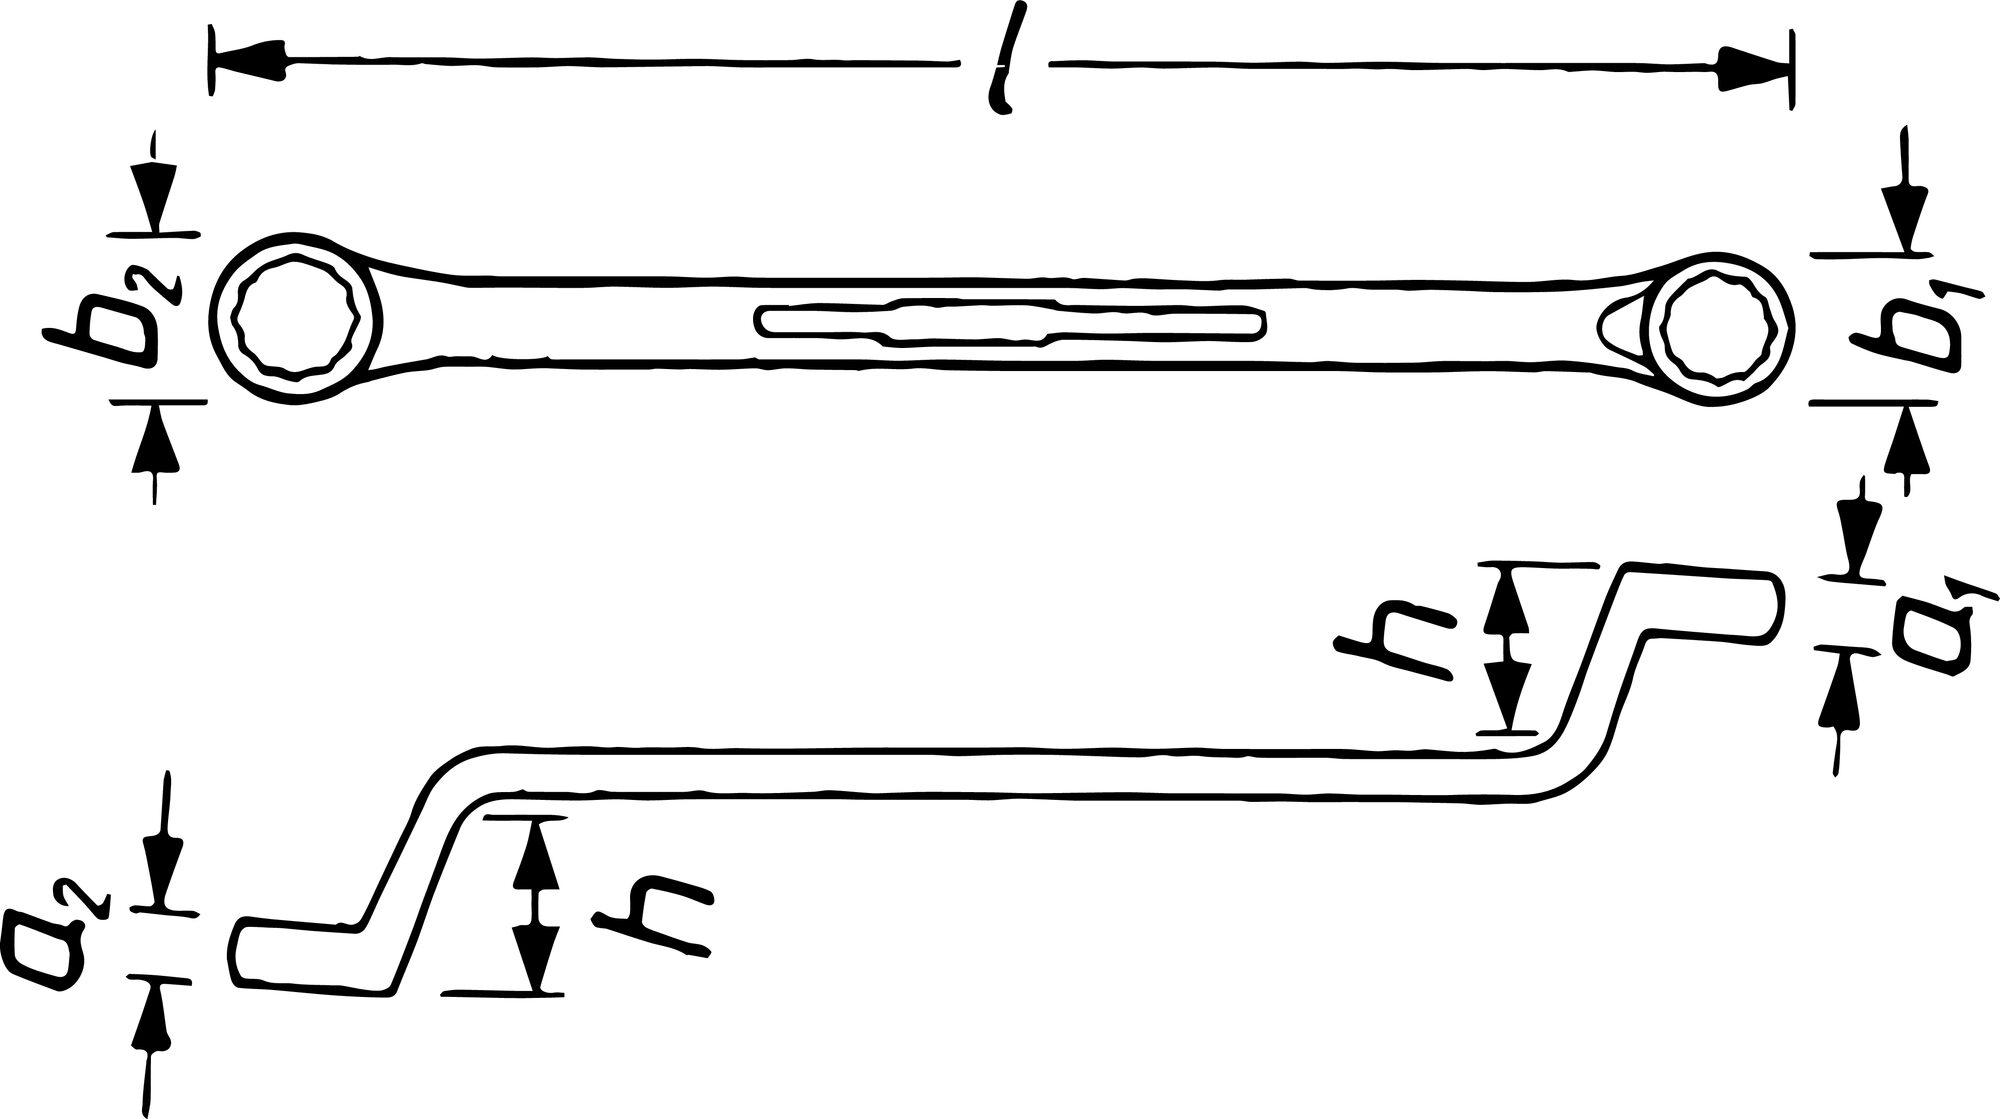 HAZET Doppel-Ringschlüssel 630-25X28 ∙ Außen-Doppel-Sechskant Profil ∙ 25 x 28 mm